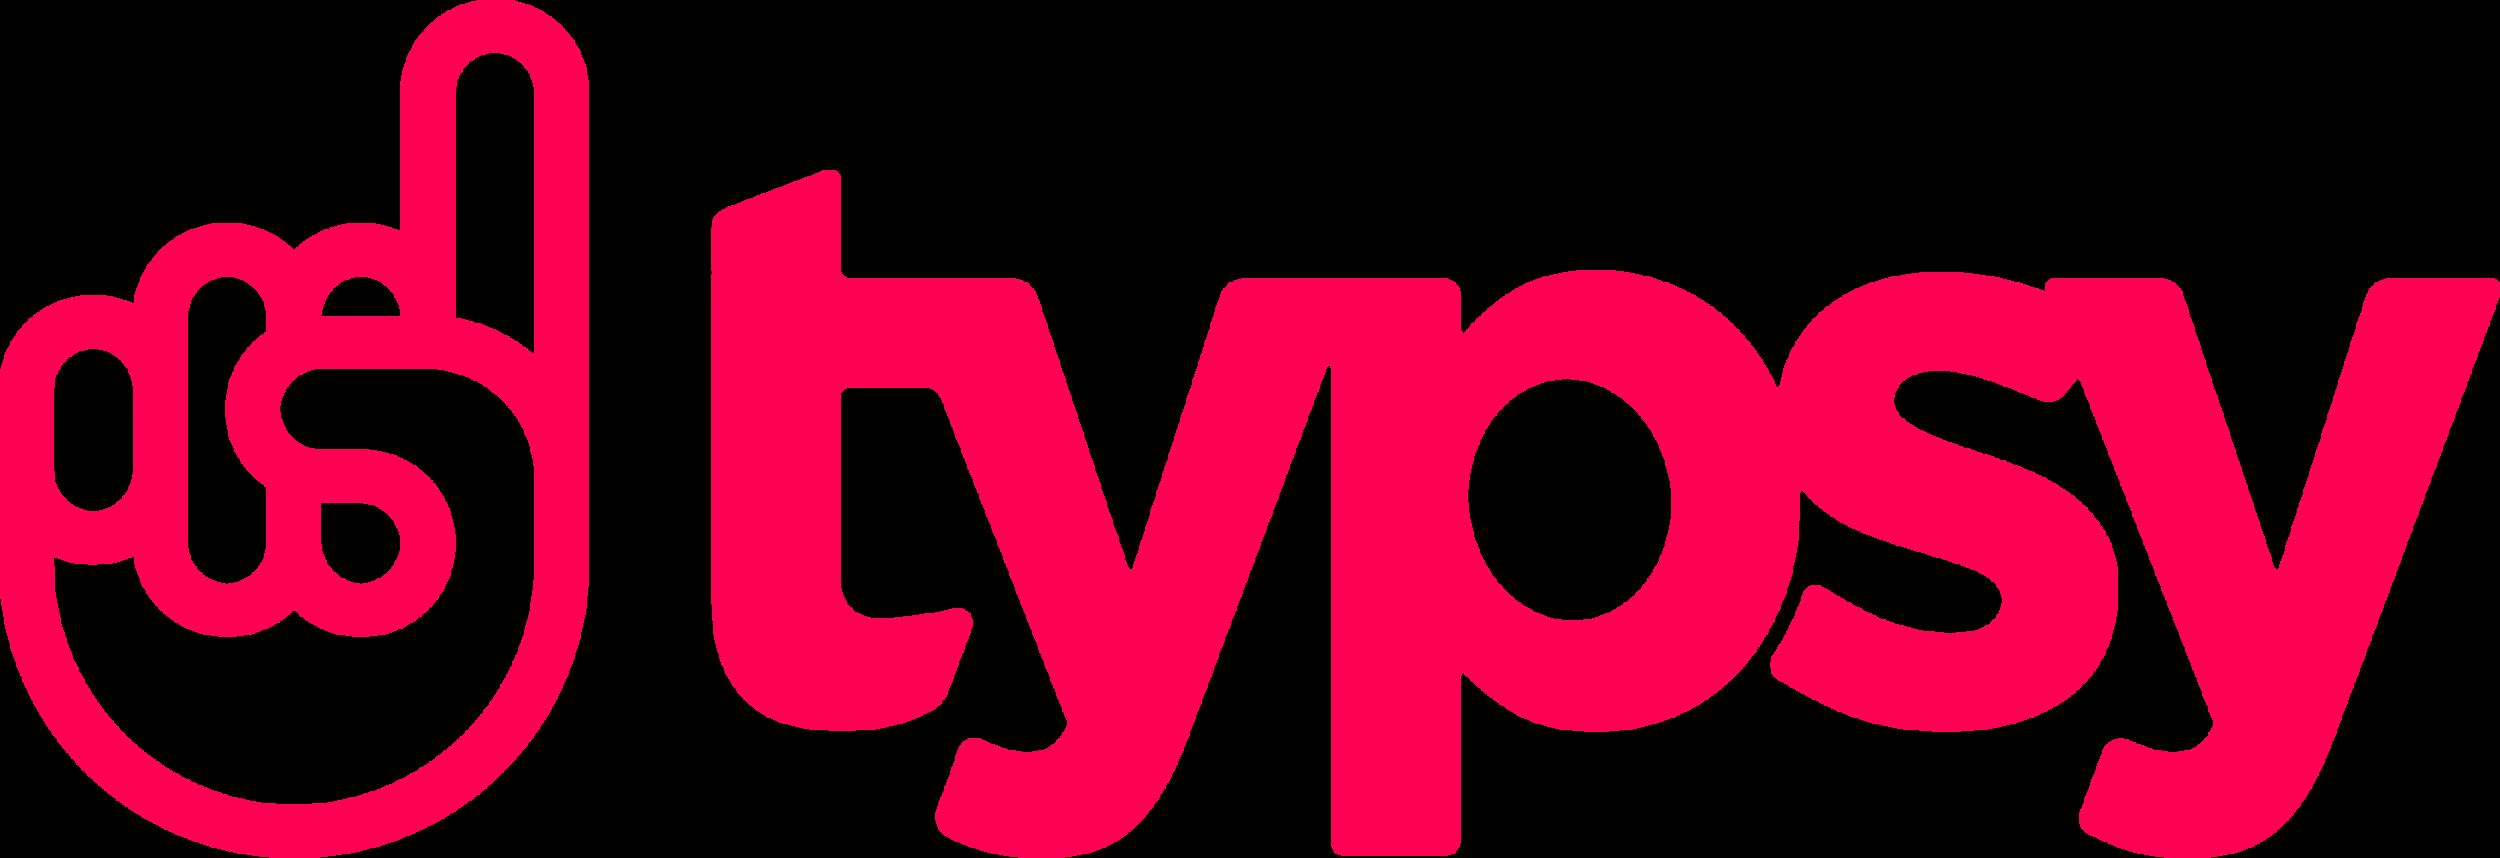 typsy-logo-bloom-digital-marketing.png